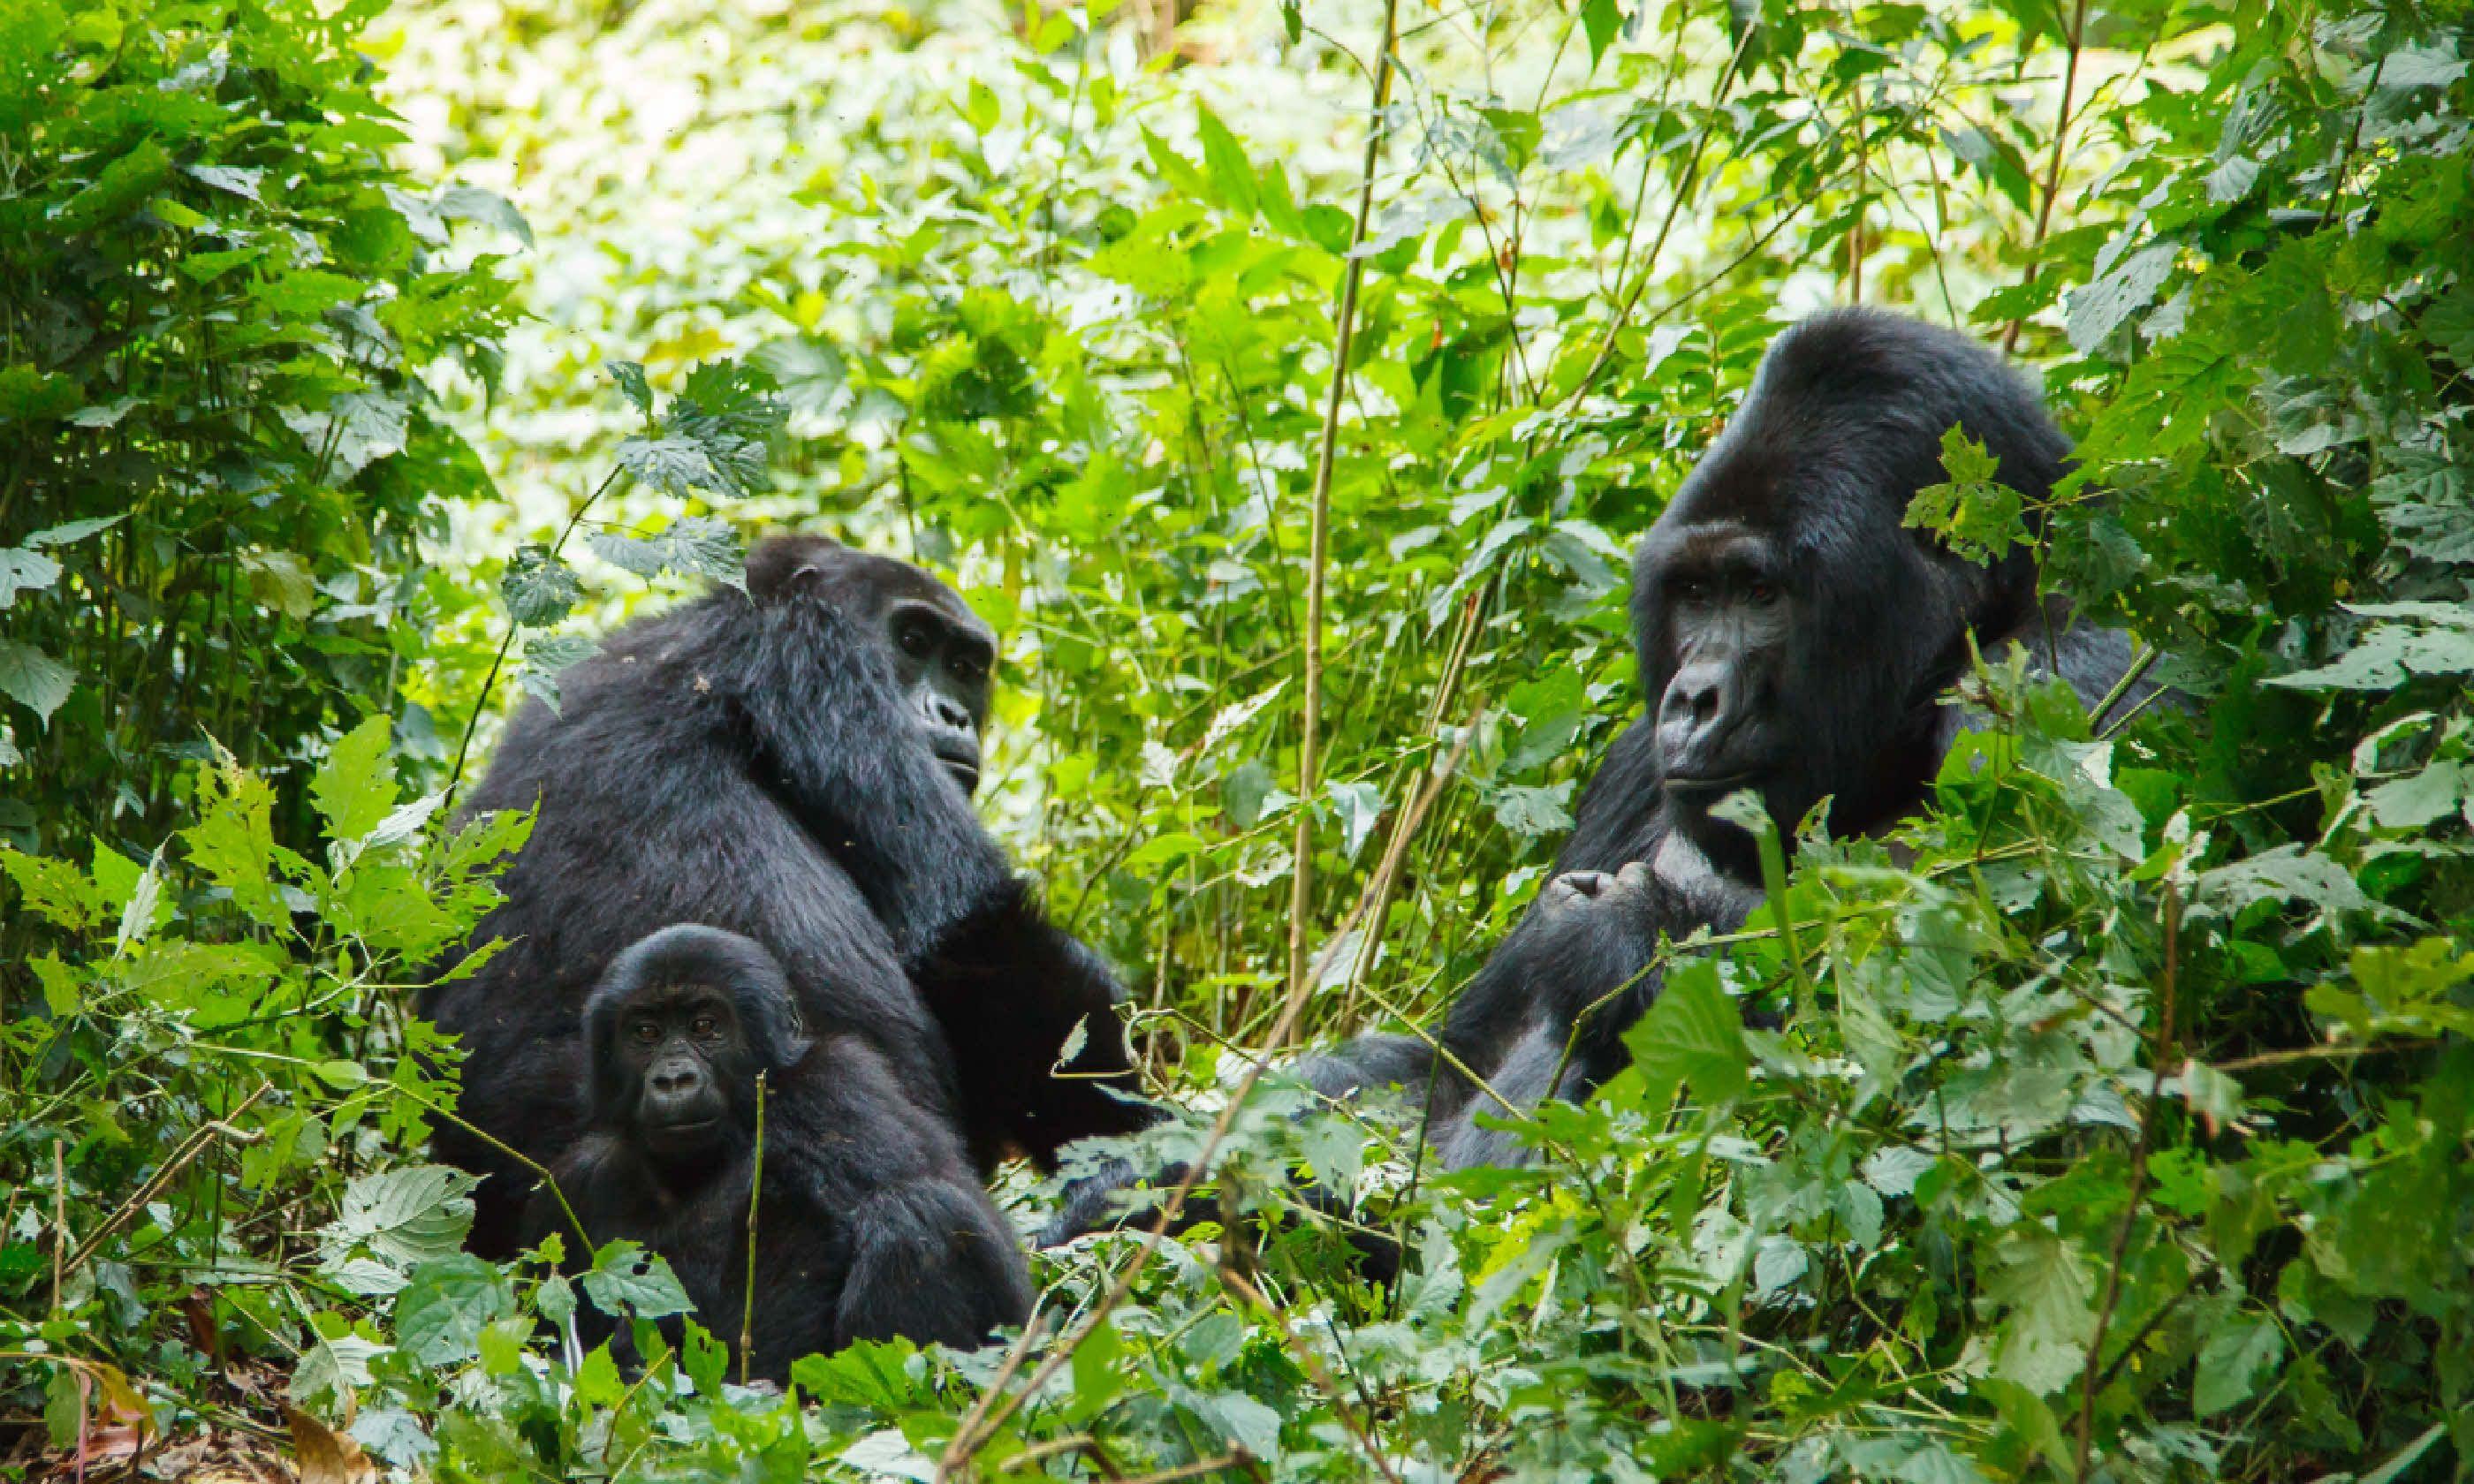 Gorilla family in wild, Uganda (Shutterstock)